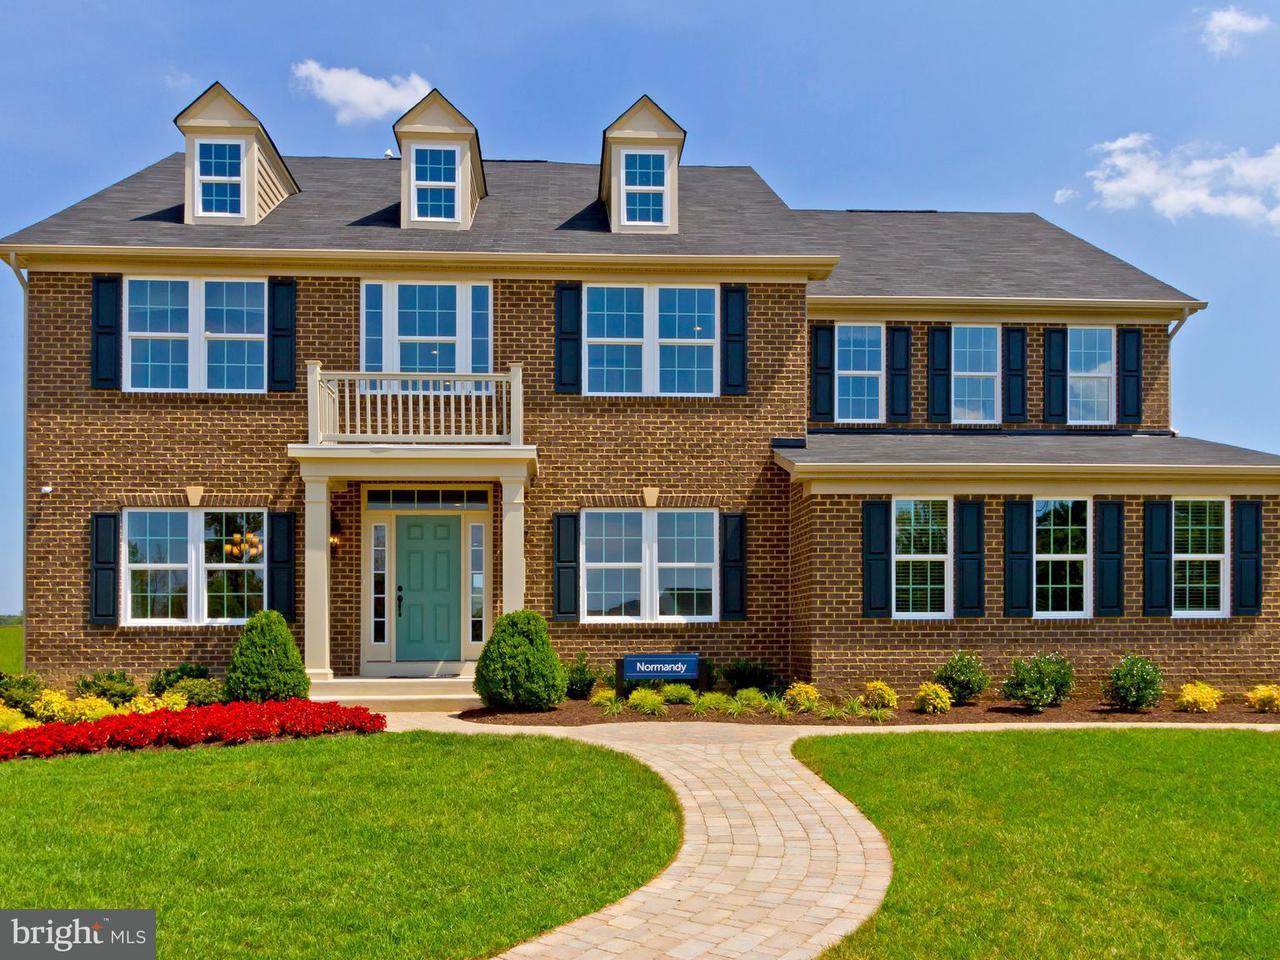 獨棟家庭住宅 為 出售 在 7 HERMITAGE Drive 7 HERMITAGE Drive Fredericksburg, 弗吉尼亞州 22407 美國